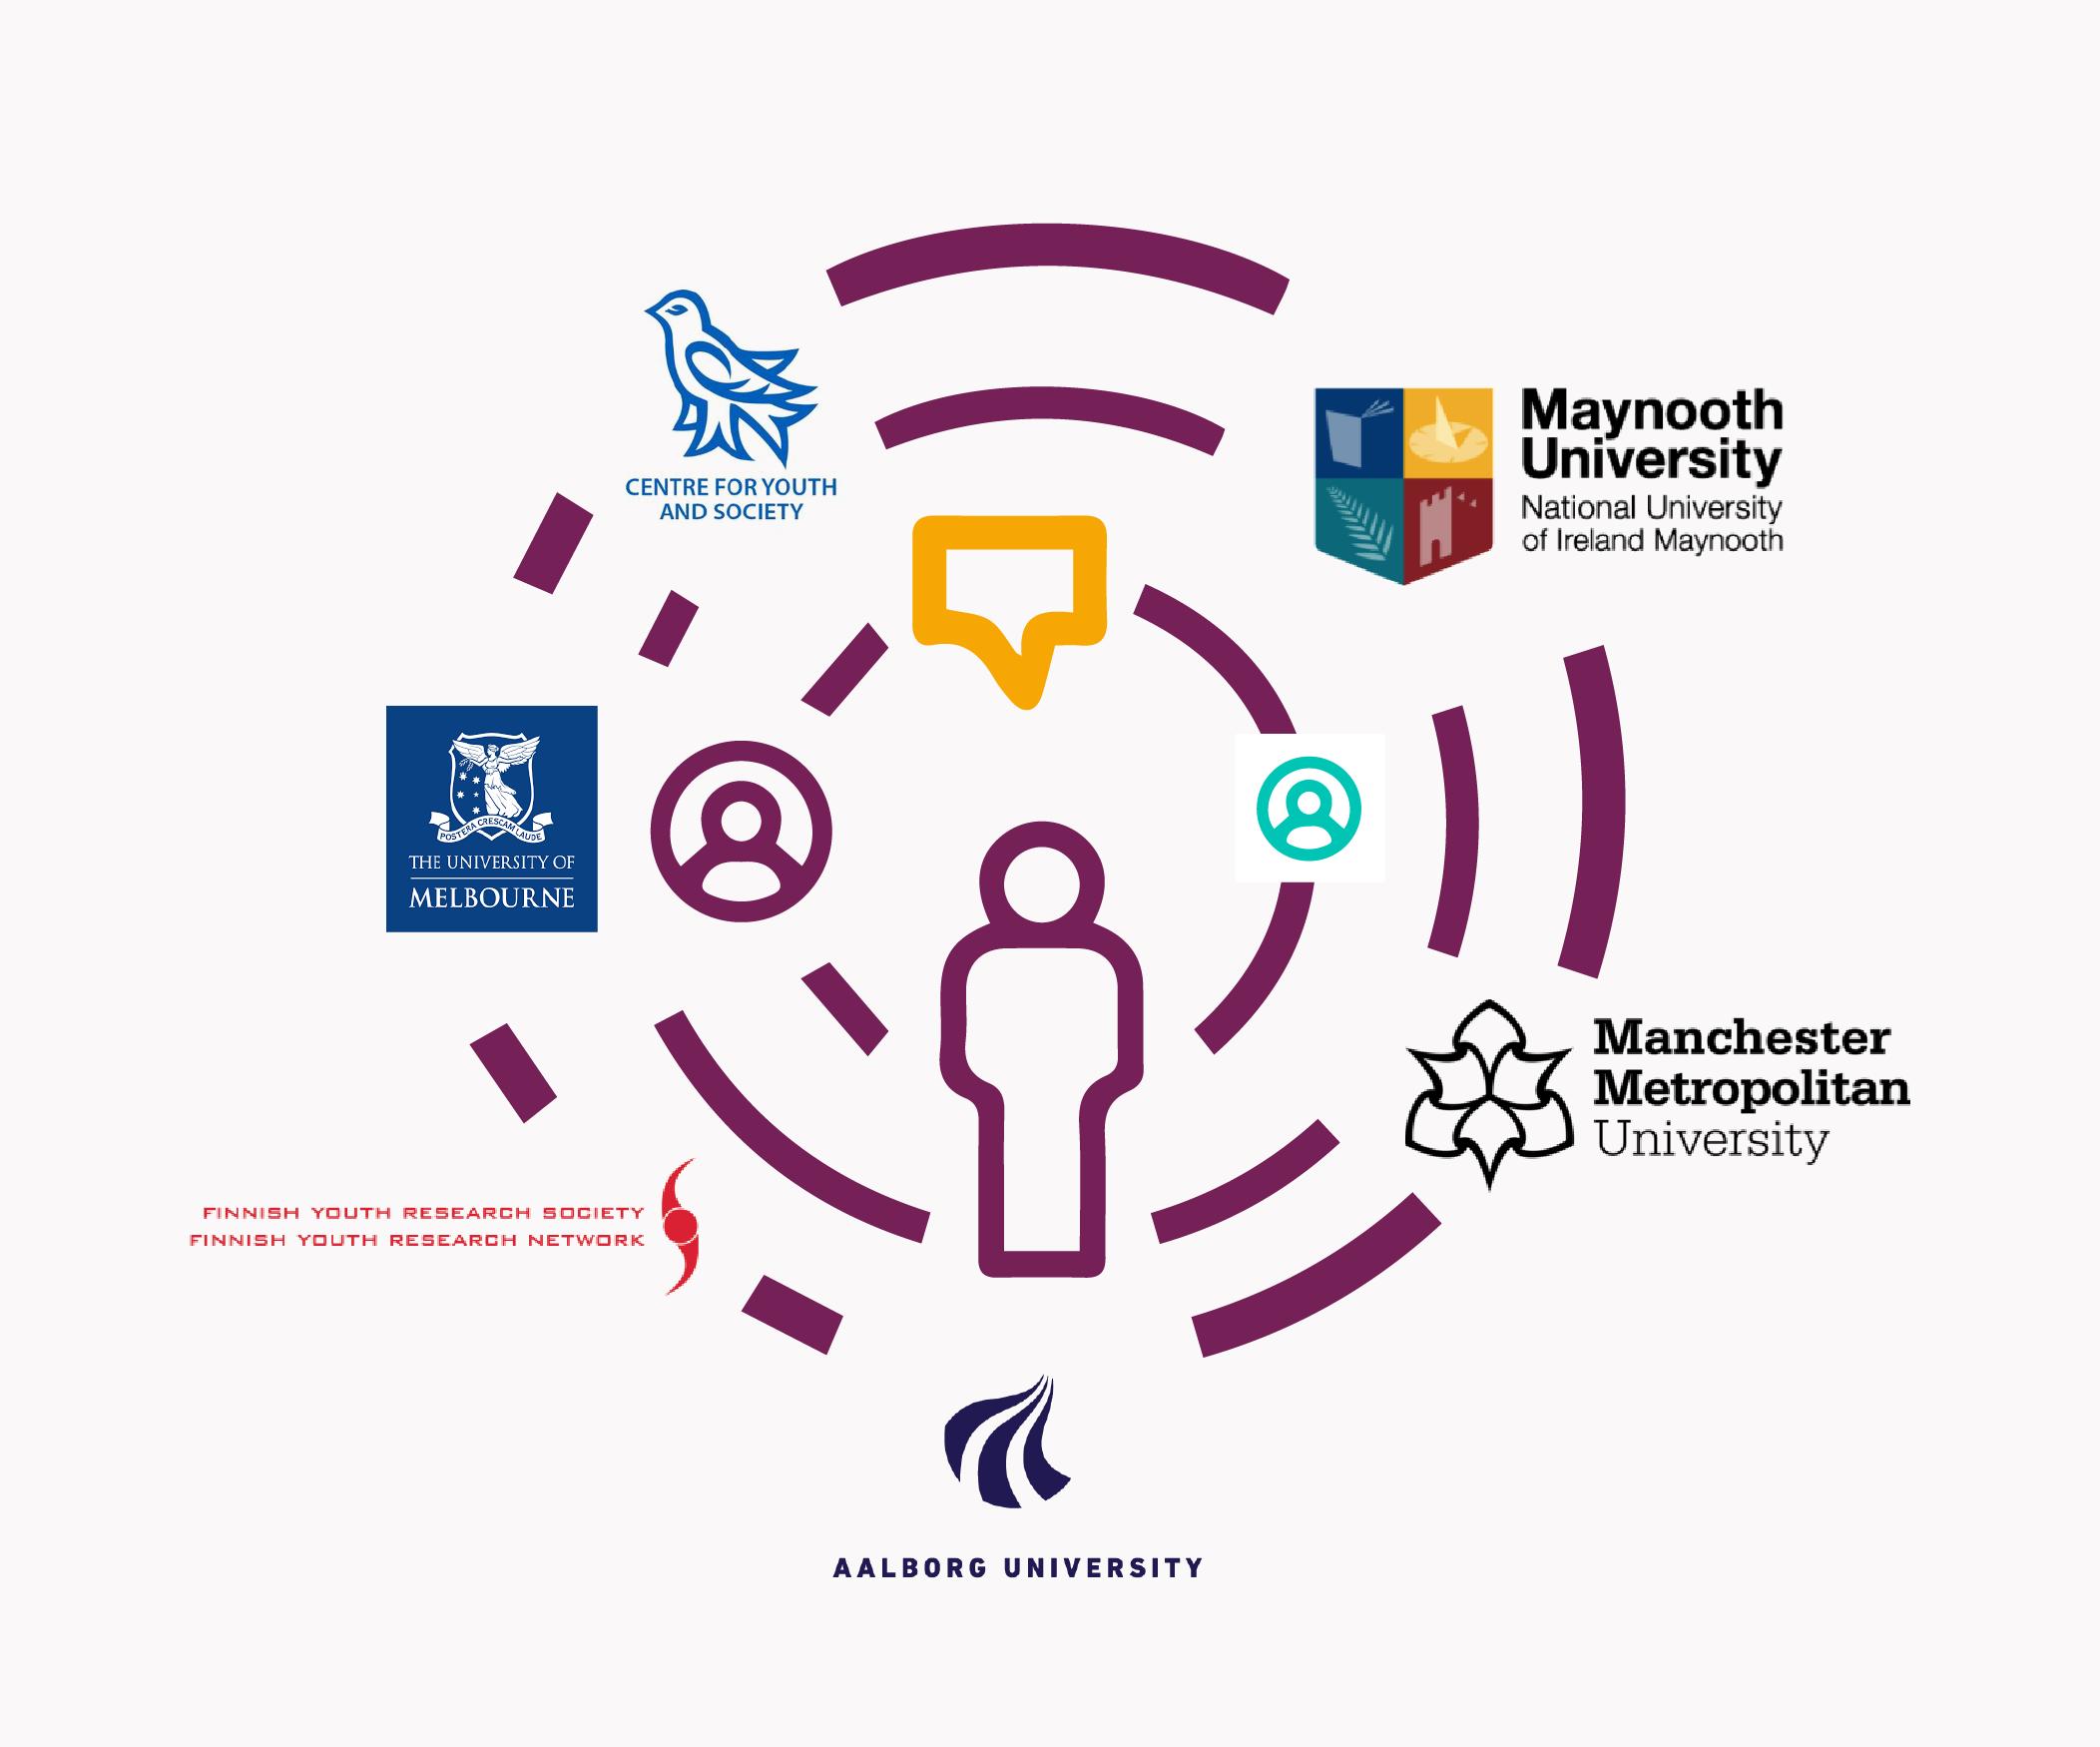 ما هي أهم مراكز الأبحاث الشبابية في العالم؟ وبماذا تهتم؟...